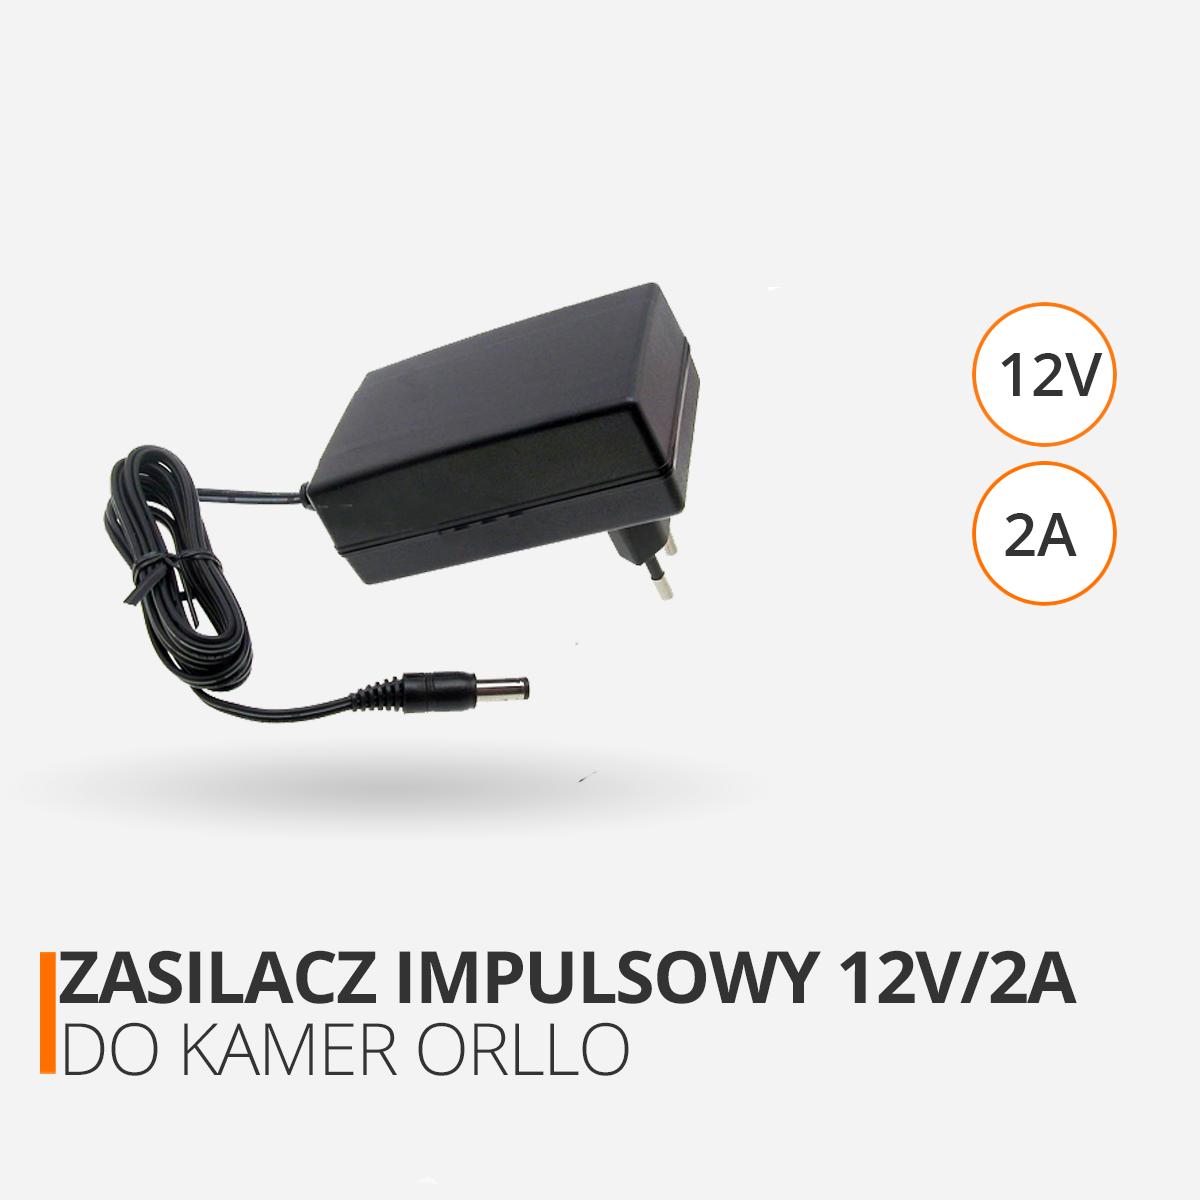 zasilacz impulsowy do kamer orllo 12V orllo.pl